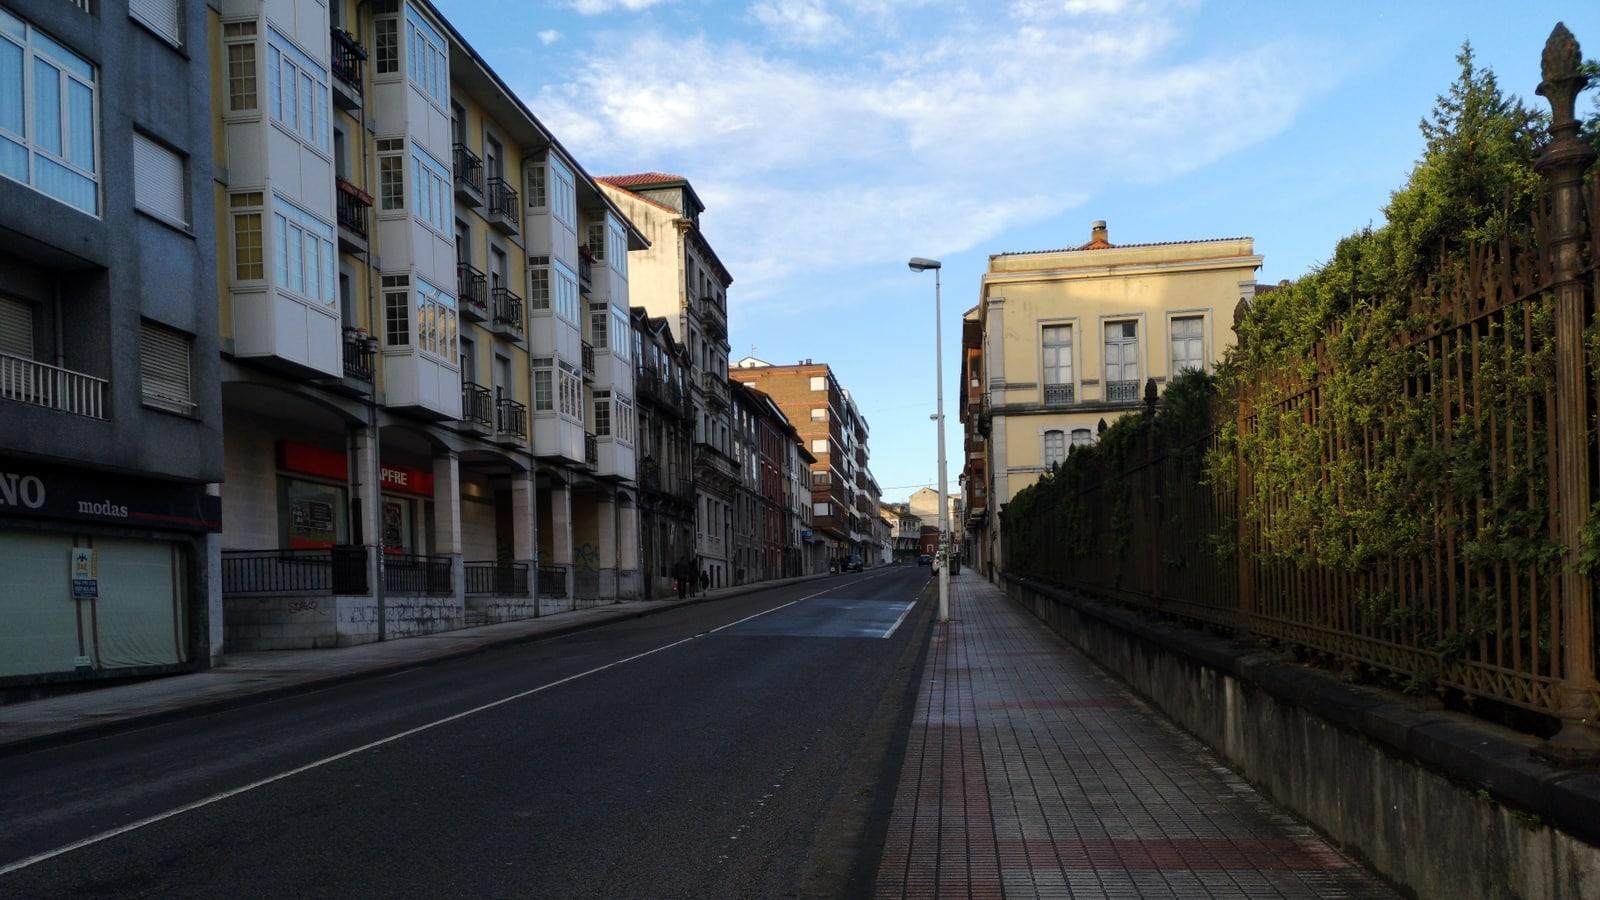 Camino Primitivo in Grado